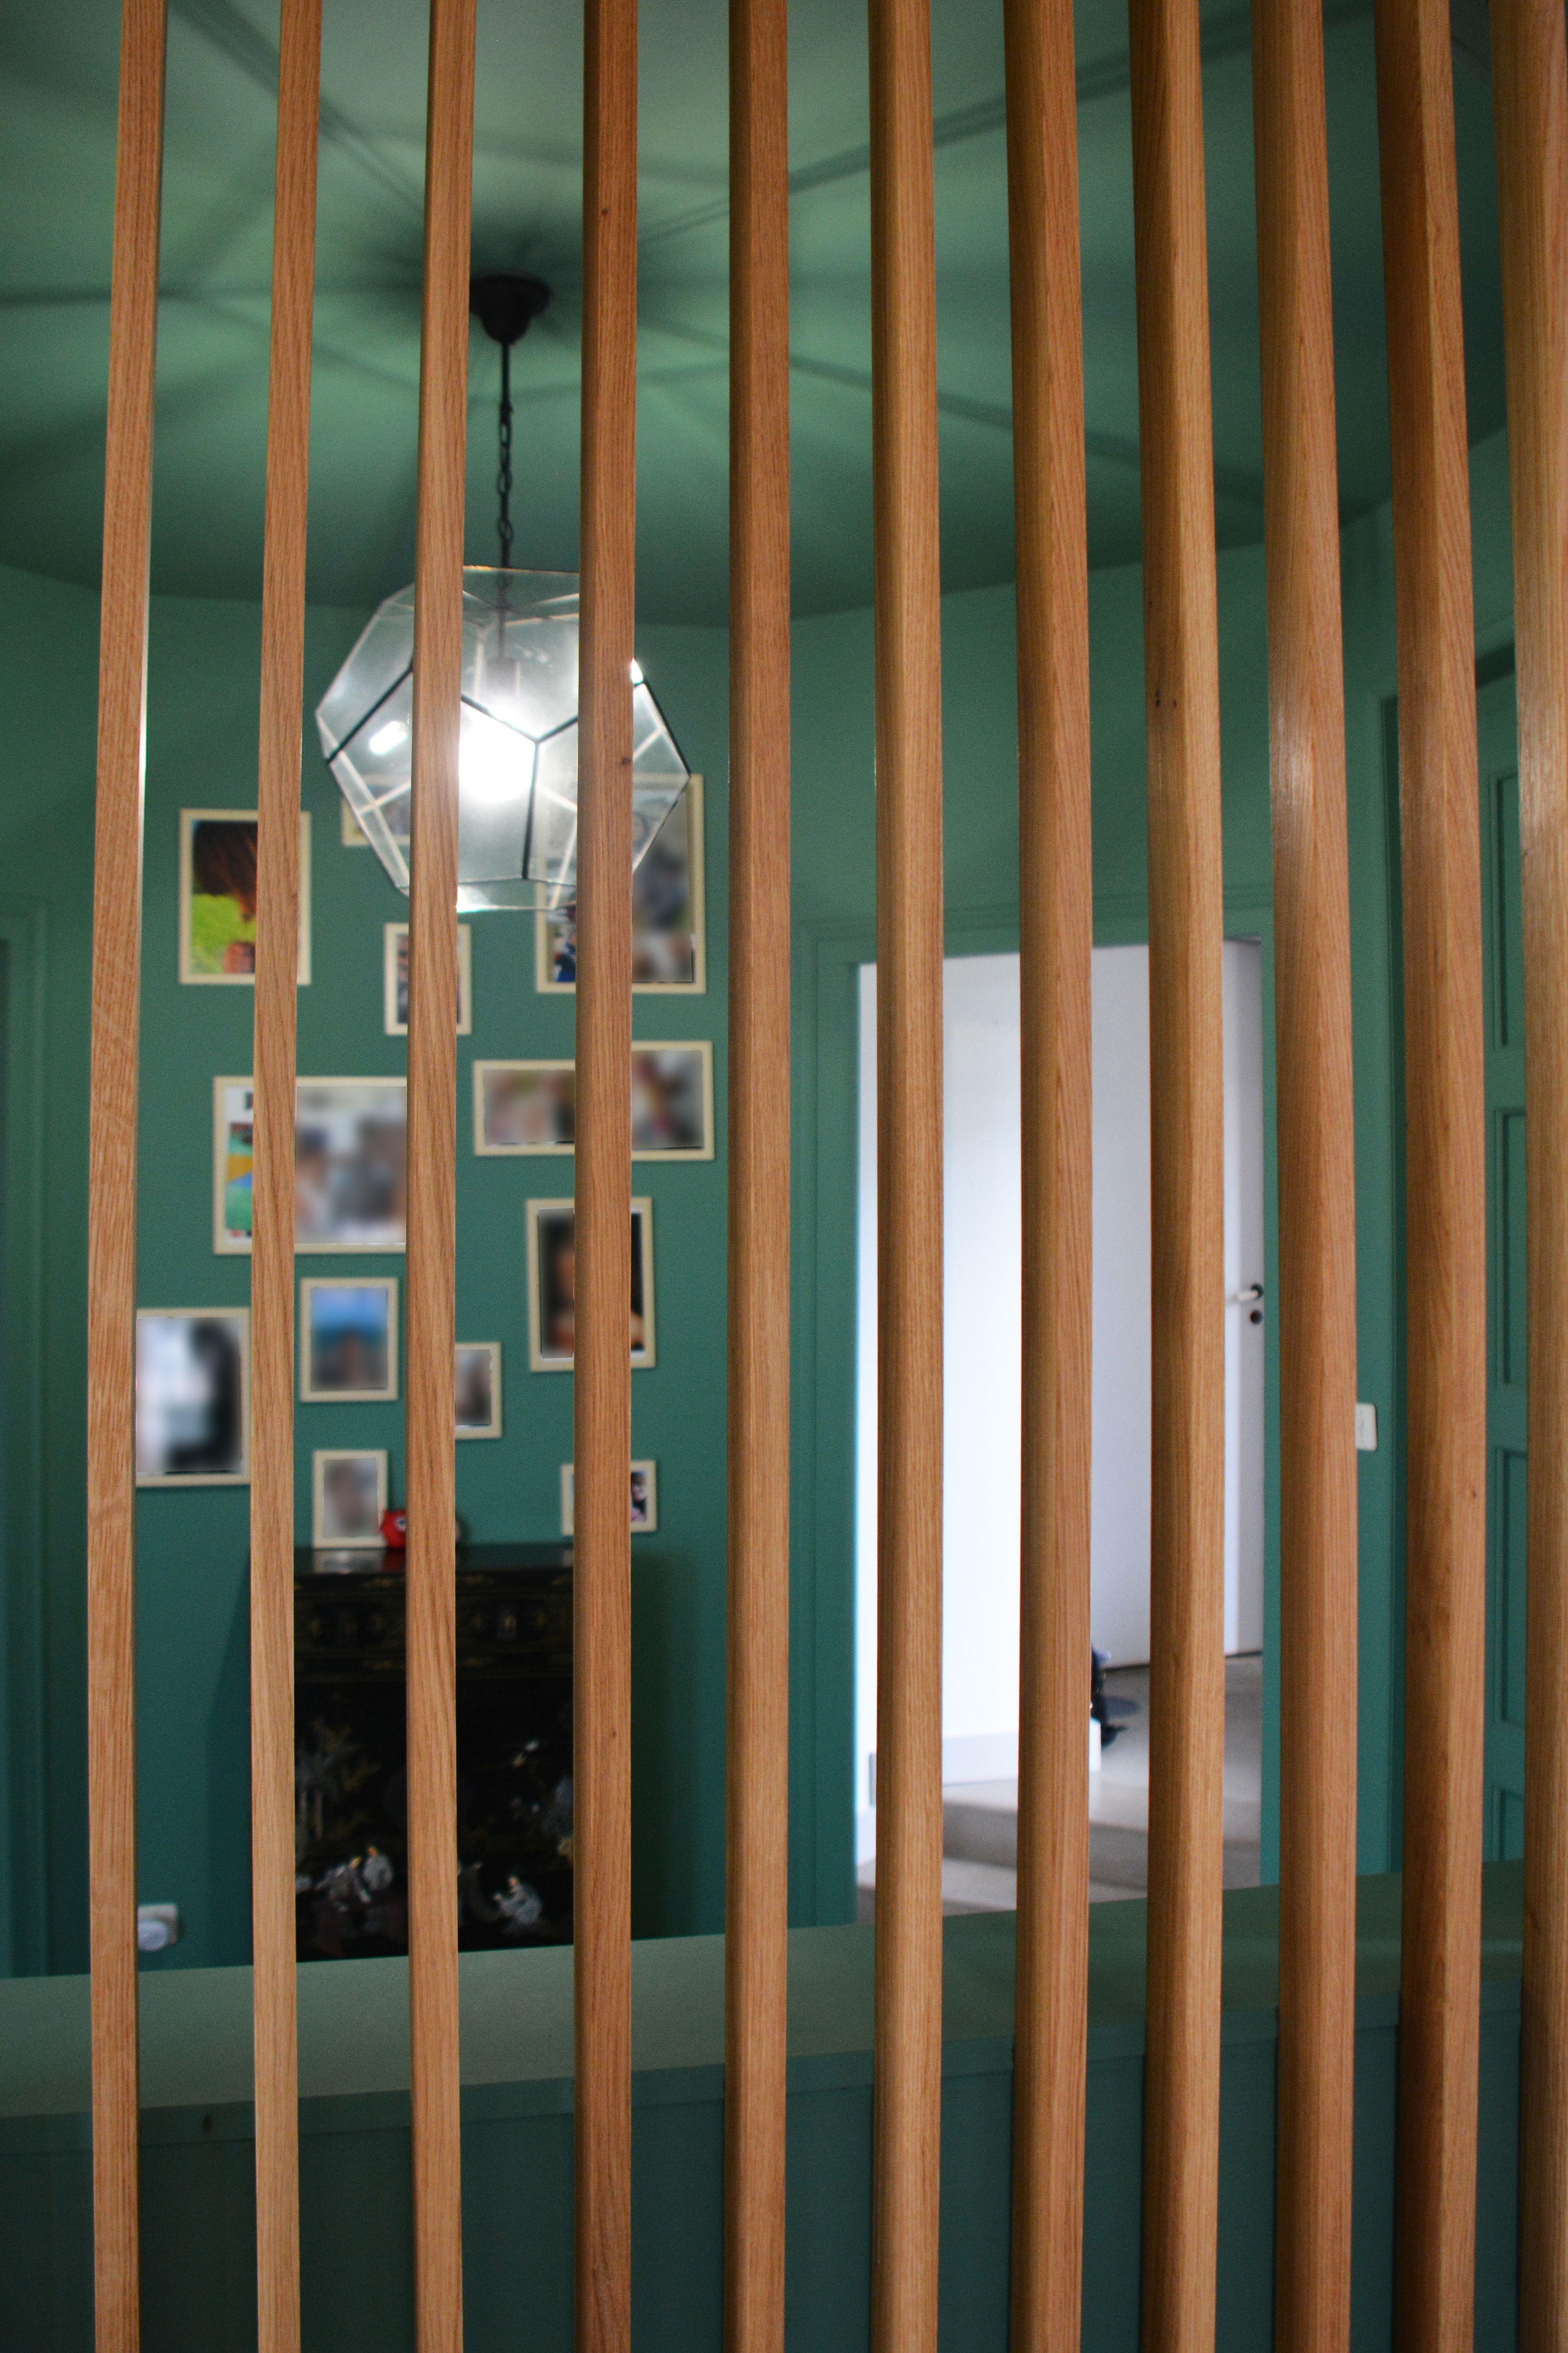 idee pour rentre plus intime son entree sans casser toutes les cloisons installer un brise vue en bo claustra bois interieur brise vue interieur tasseau bois